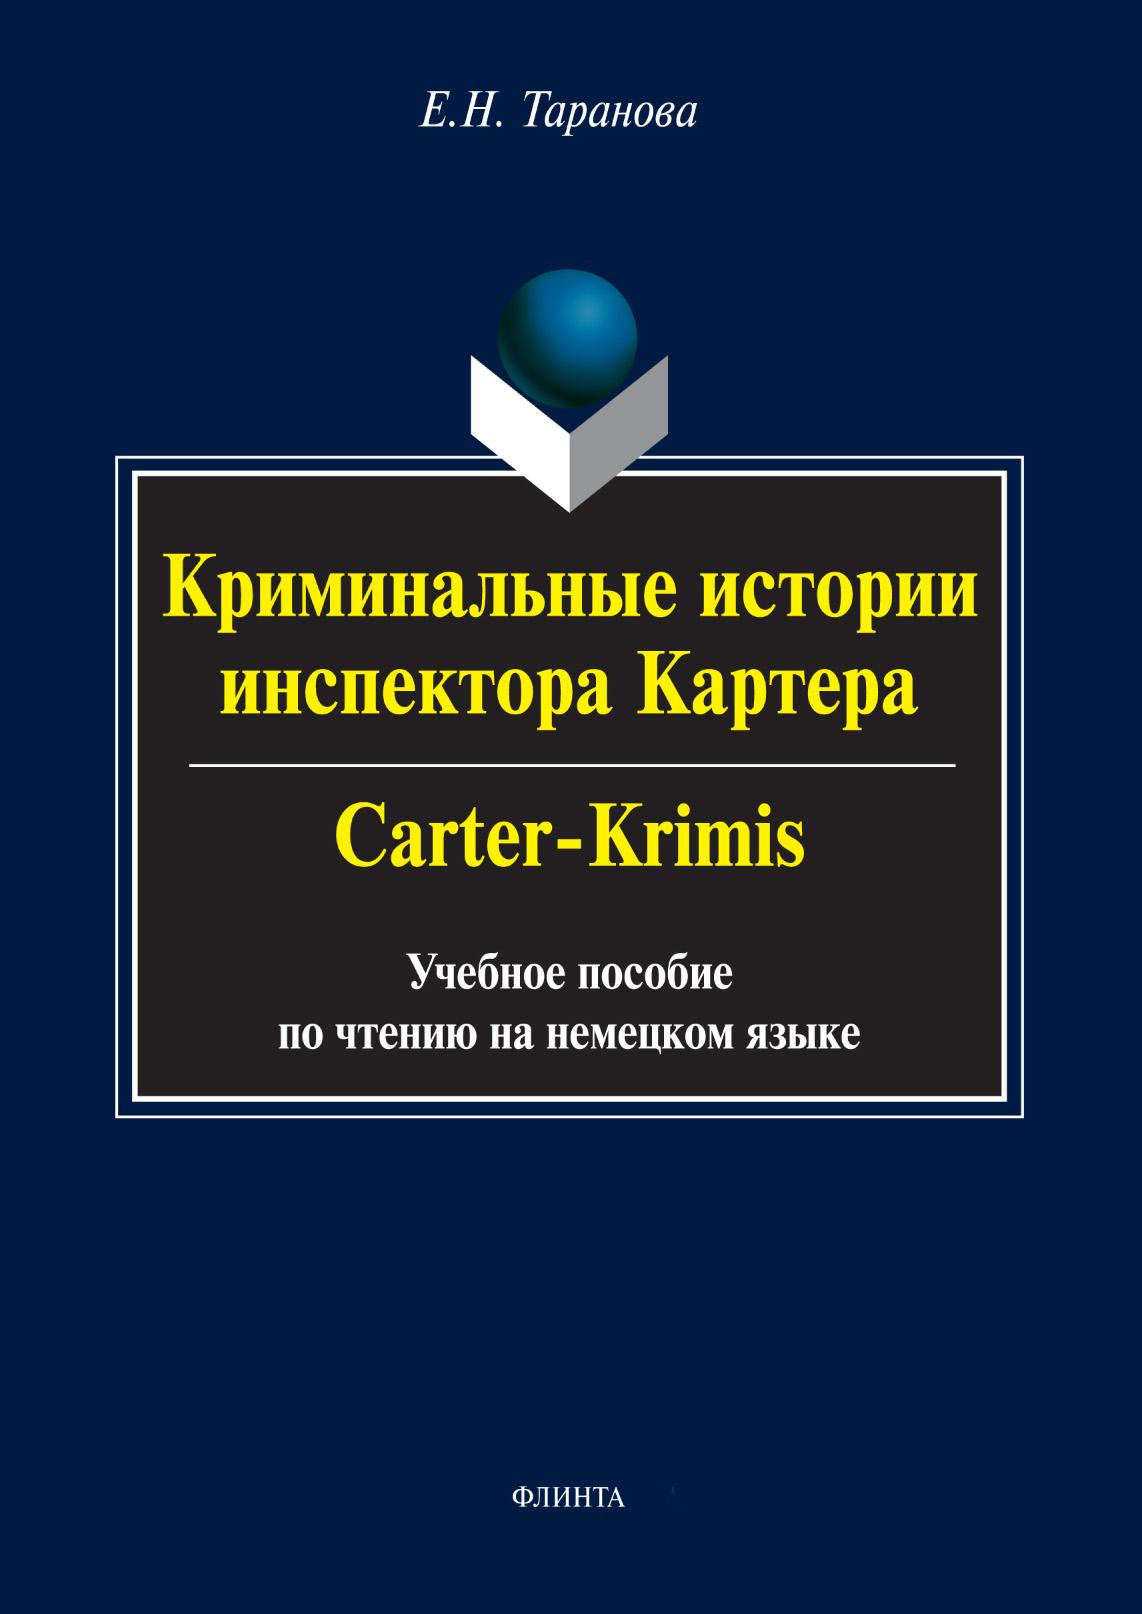 Е. Н. Таранова Криминальные истории инспектора Картера / Carter-Crimis. Учебное пособие по чтению на немецком языке